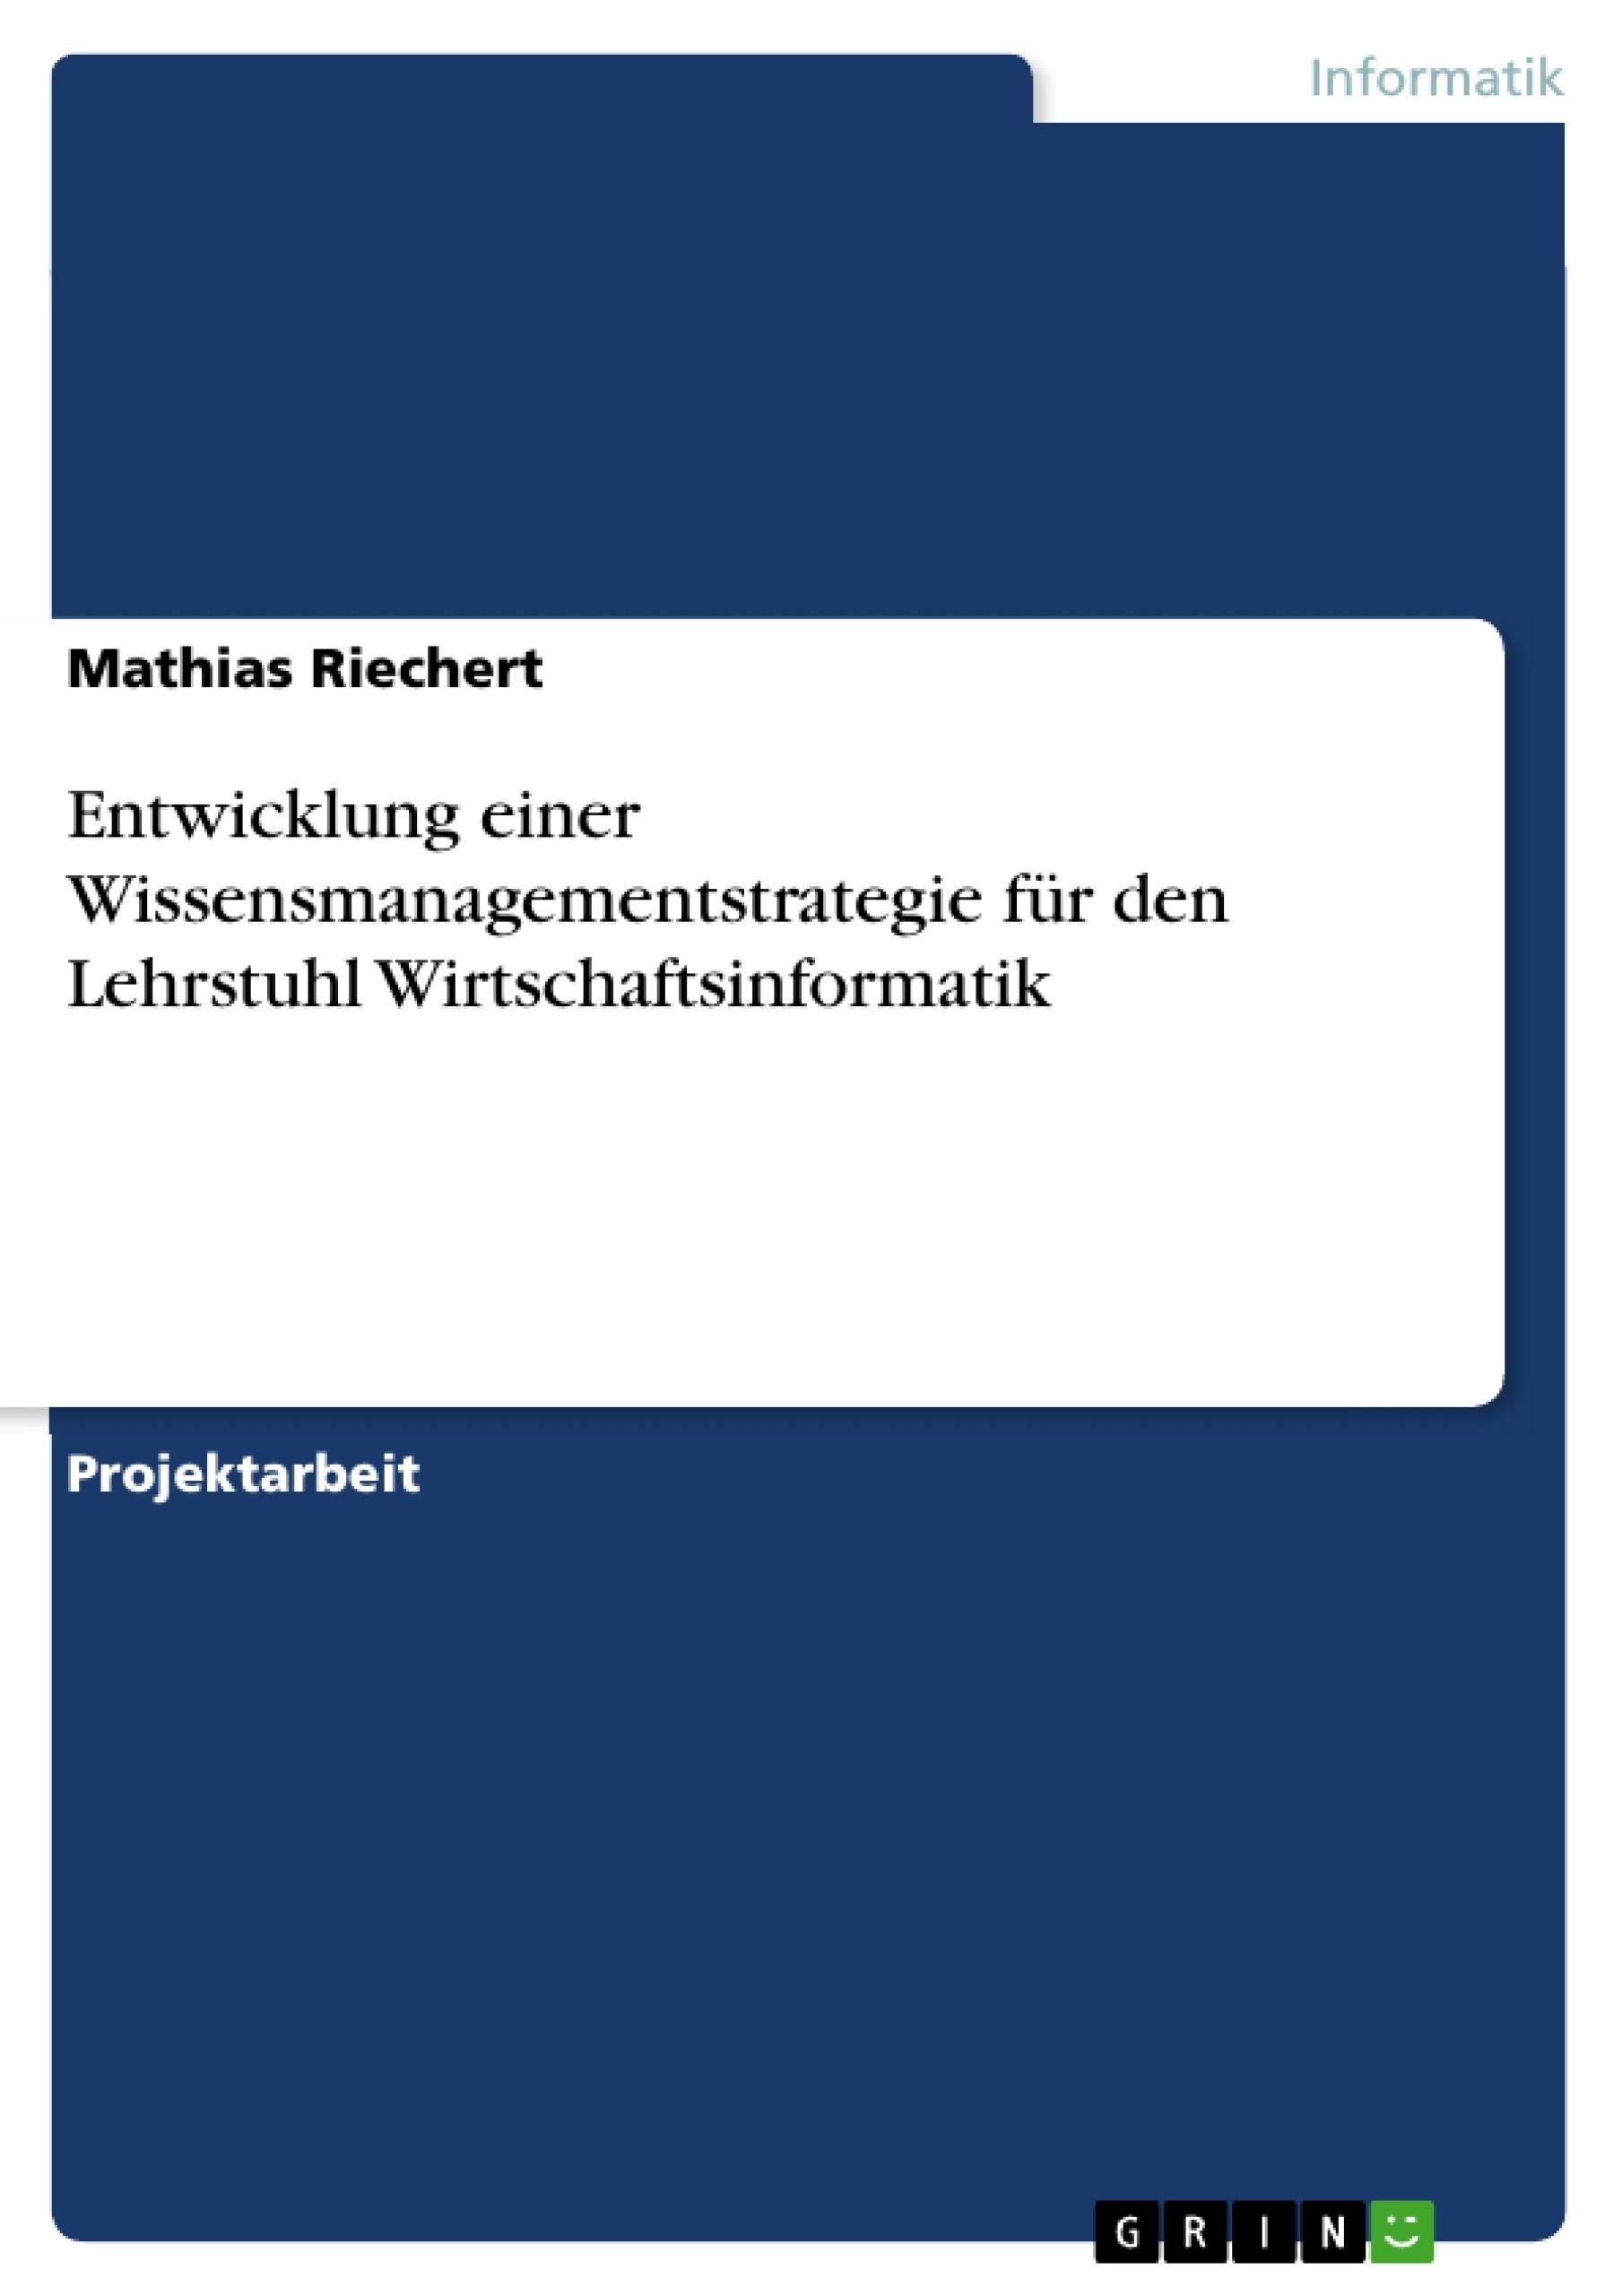 Titel: Entwicklung einer Wissensmanagementstrategie für den Lehrstuhl Wirtschaftsinformatik